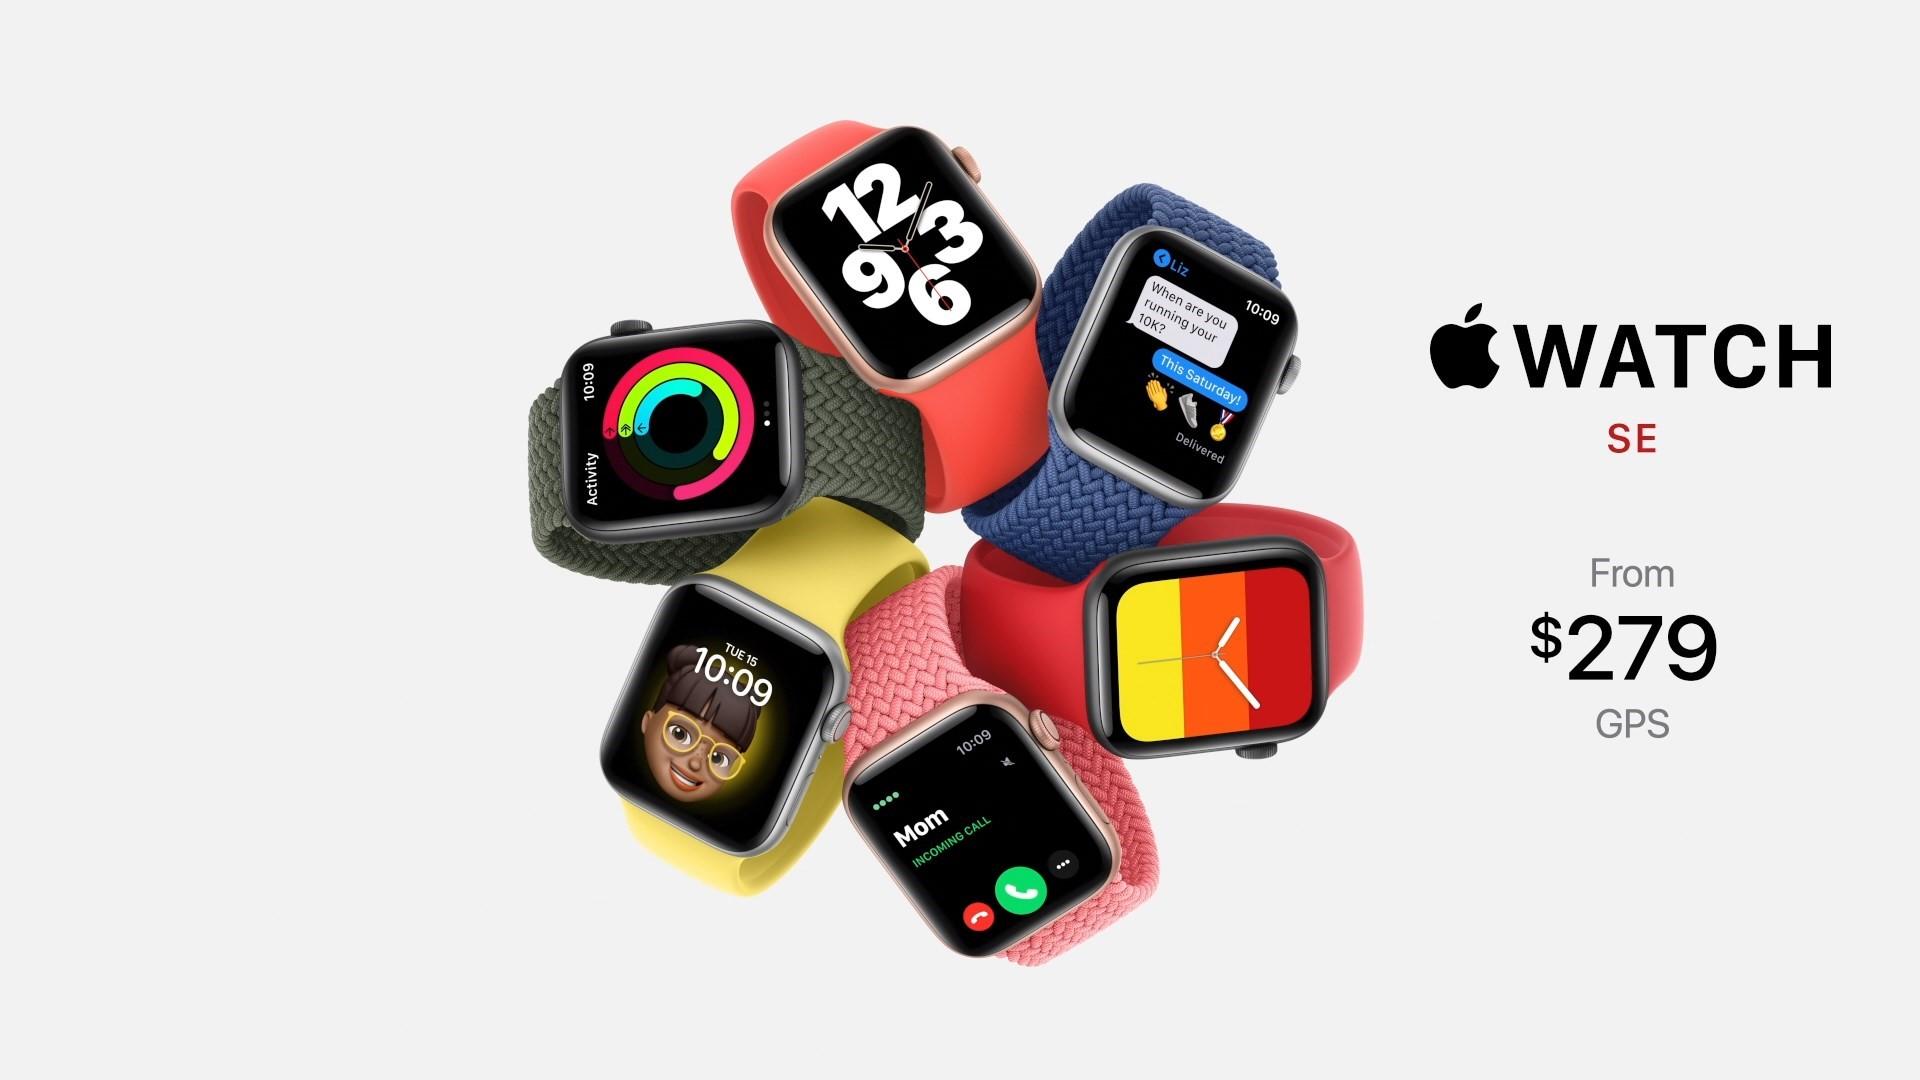 Watch SE: Chiếc Apple Watch dành cho 'nhà nghèo' có gì đặc biệt? - Ảnh 3.